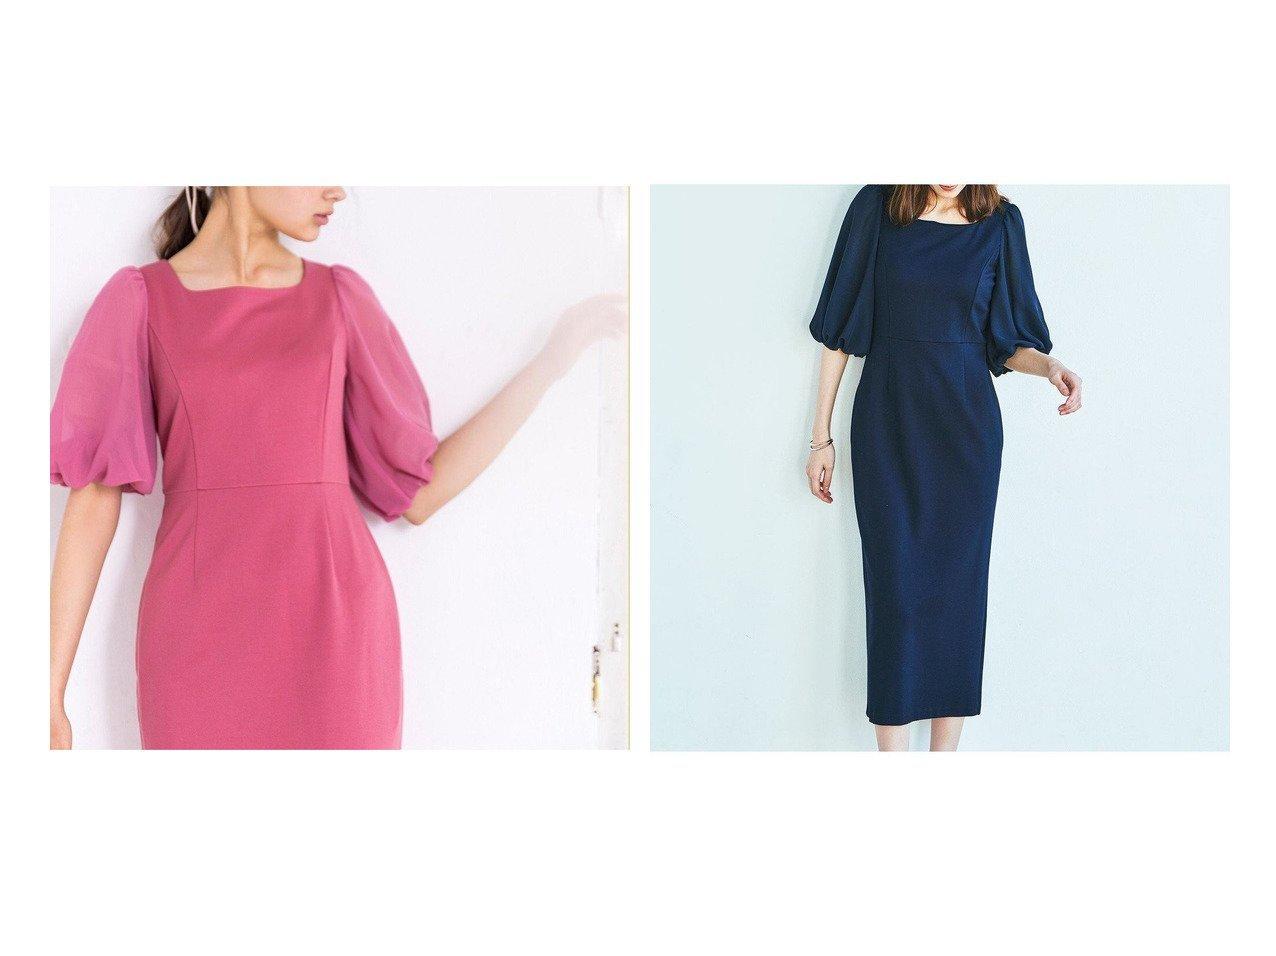 【TOCCA/トッカ】の【TOCCA LAVENDER】Puff Sleeve Jersey Dress ドレス 【ワンピース・ドレス】おすすめ!人気、トレンド・レディースファッションの通販 おすすめで人気の流行・トレンド、ファッションの通販商品 メンズファッション・キッズファッション・インテリア・家具・レディースファッション・服の通販 founy(ファニー) https://founy.com/ ファッション Fashion レディースファッション WOMEN ワンピース Dress ドレス Party Dresses 送料無料 Free Shipping ドレス  ID:crp329100000035566